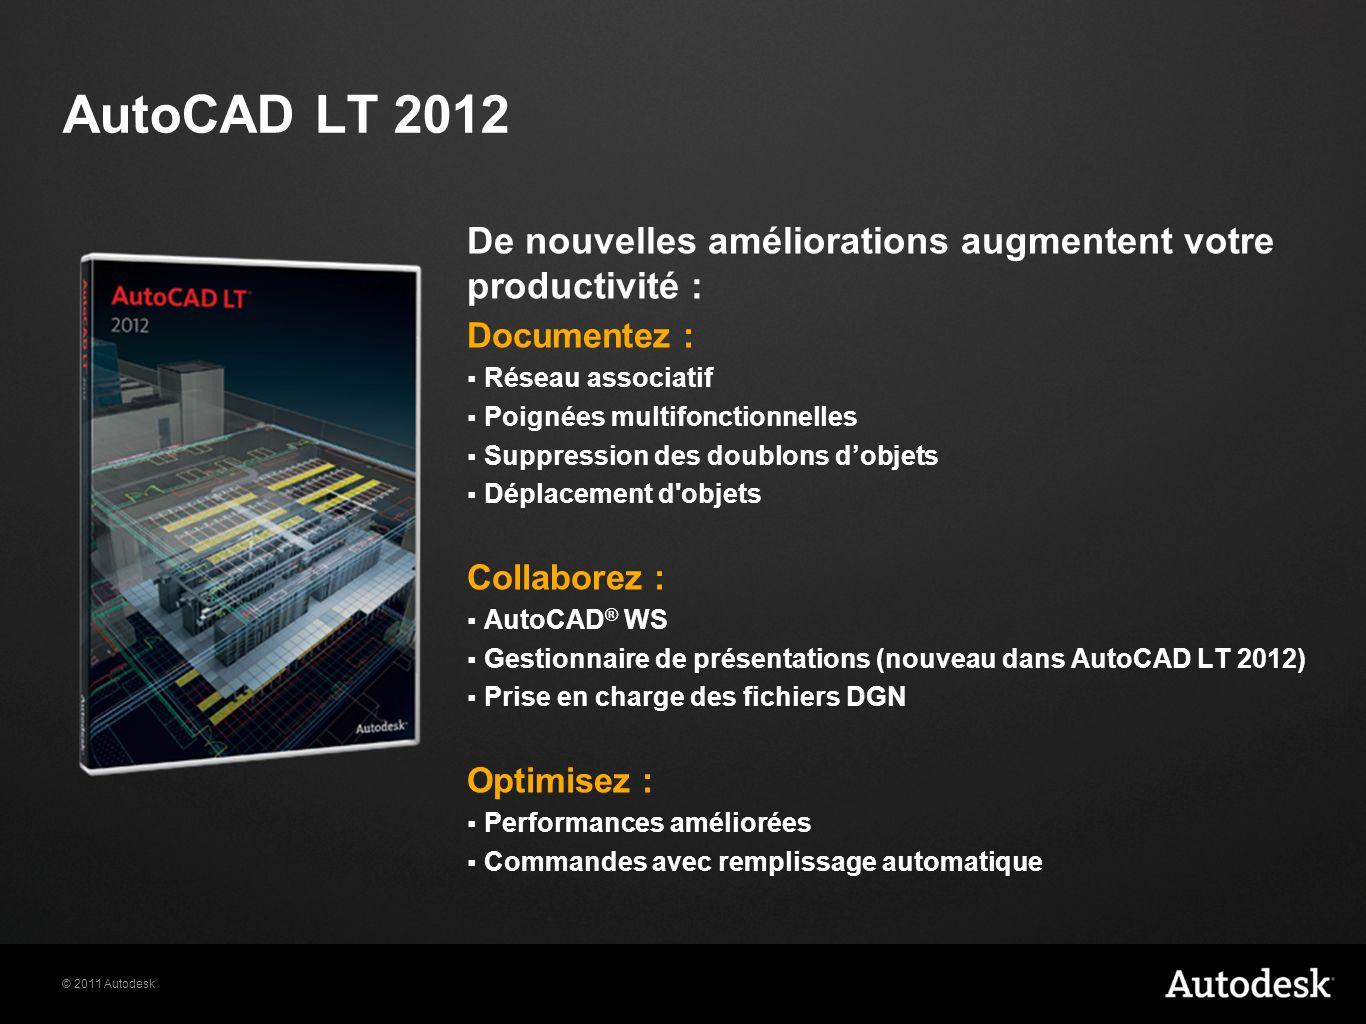 © 2011 Autodesk AutoCAD LT 2012 De nouvelles améliorations augmentent votre productivité : Documentez : Réseau associatif Poignées multifonctionnelles